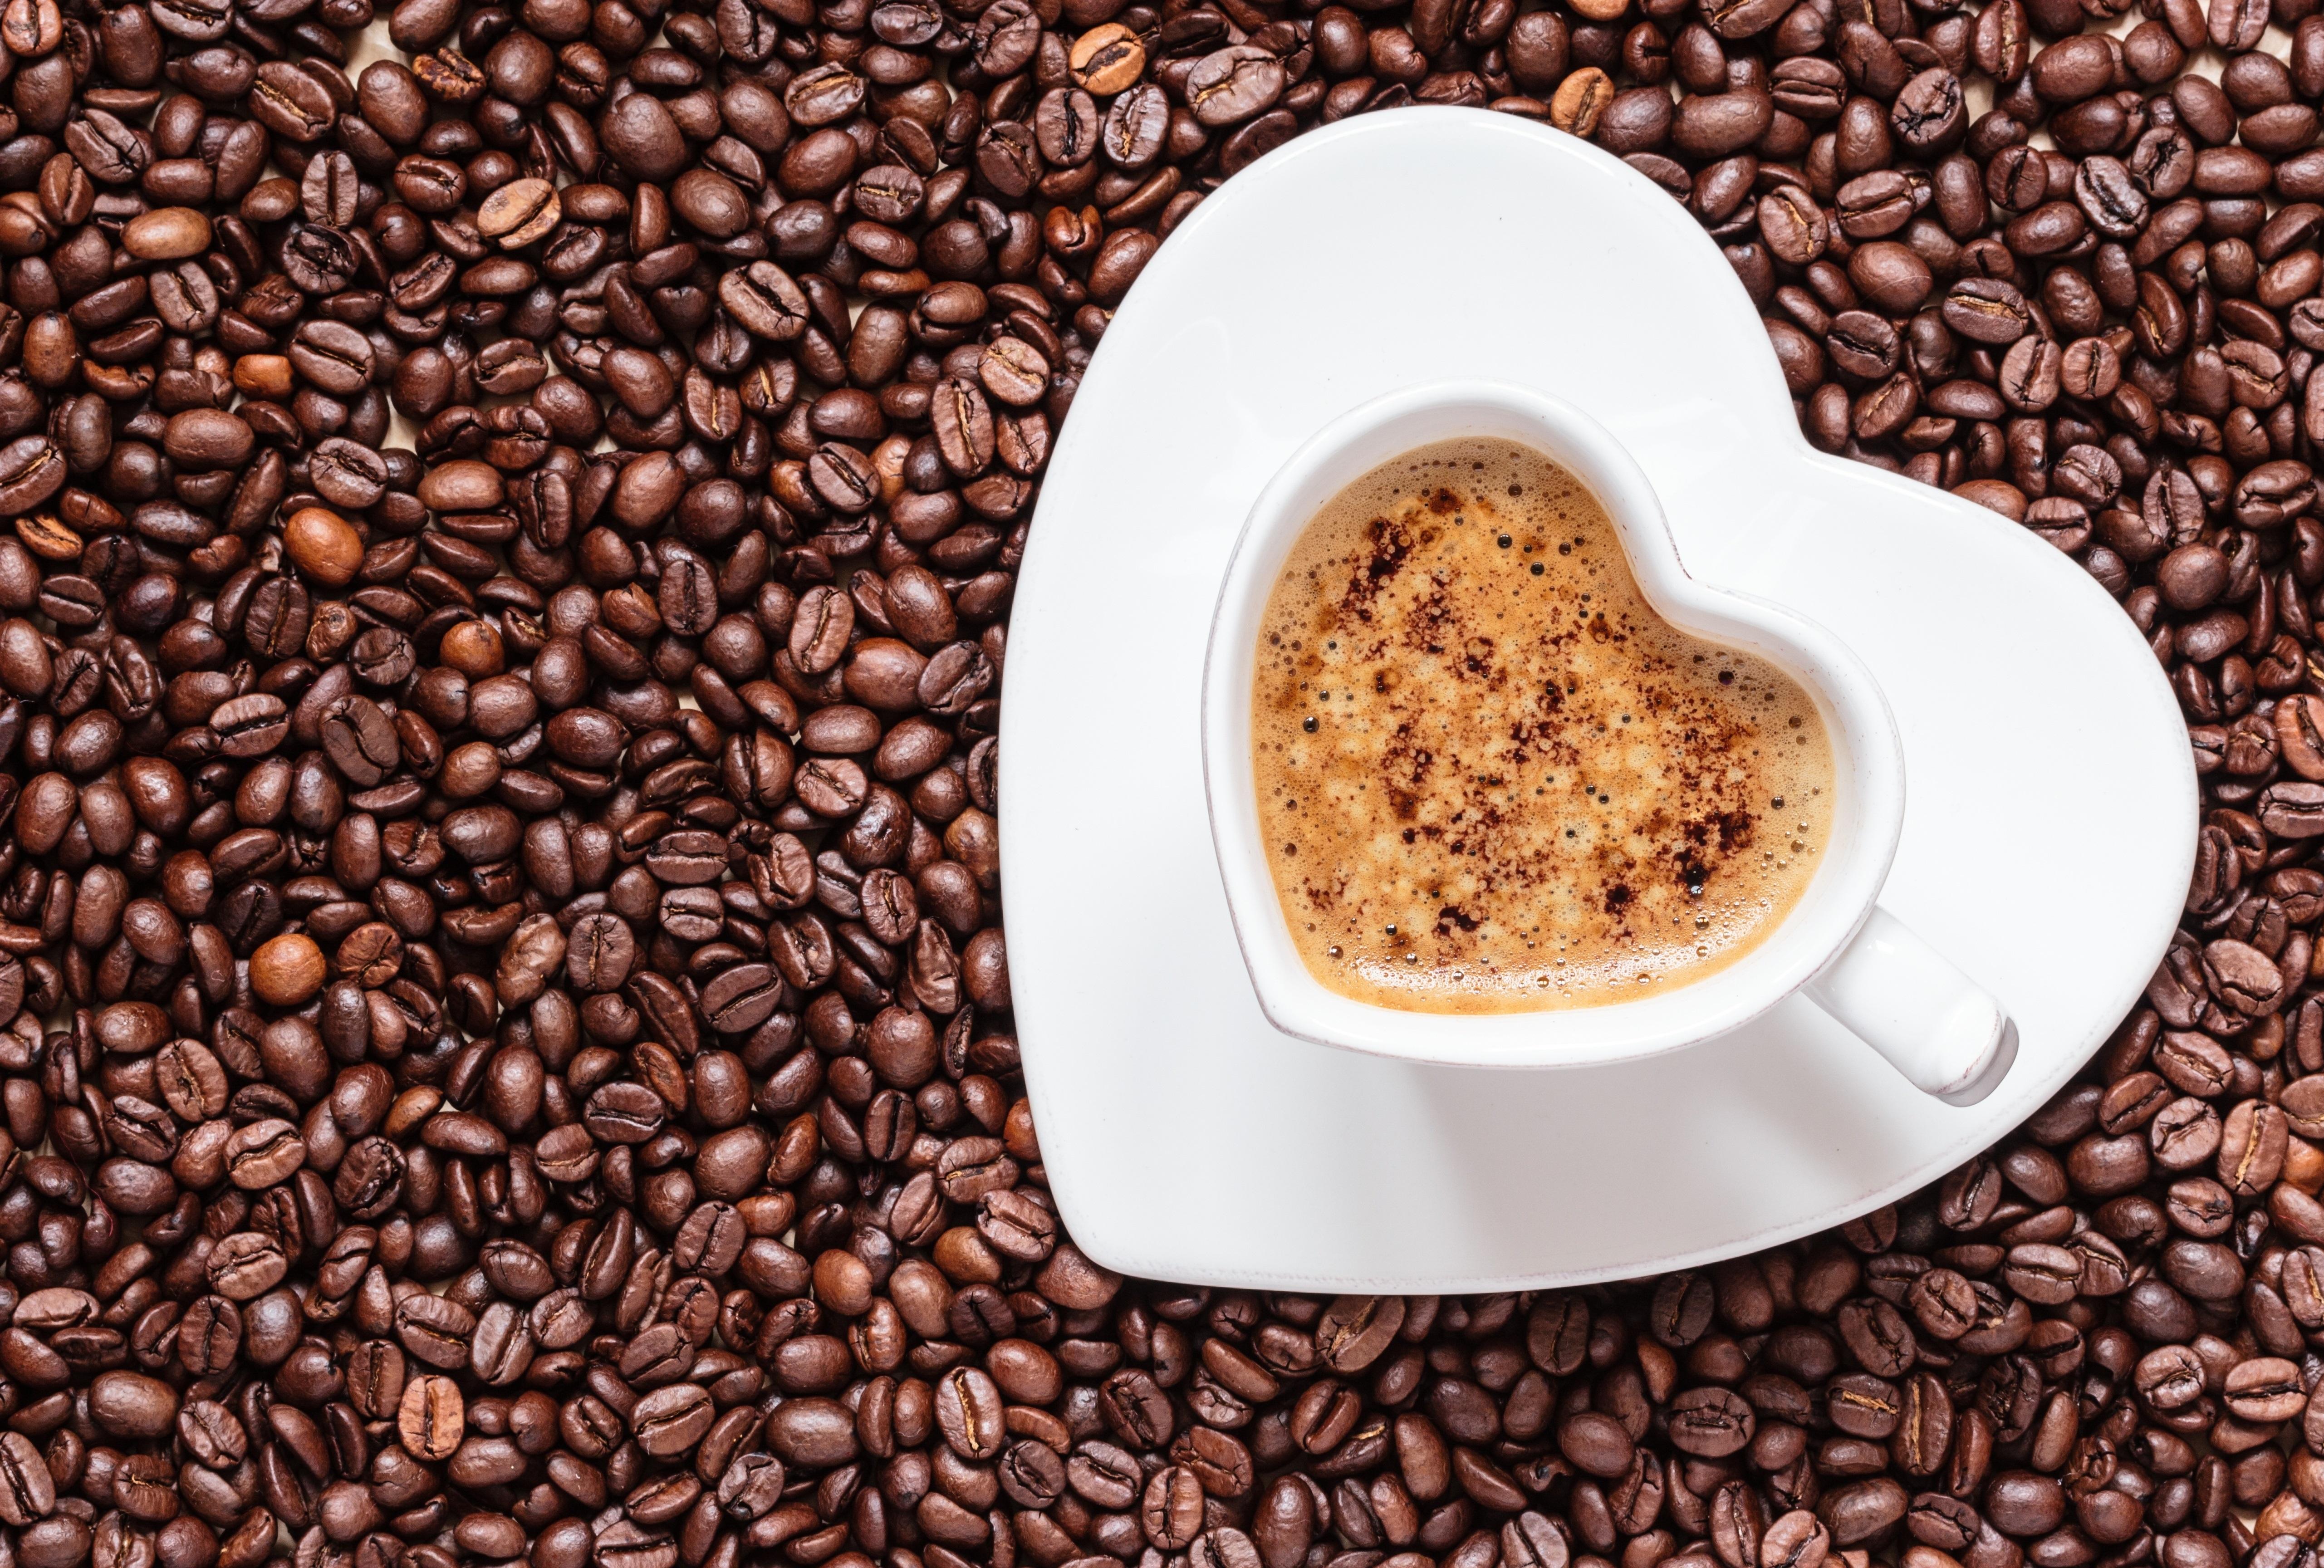 Картинки кружек с кофе в зернах